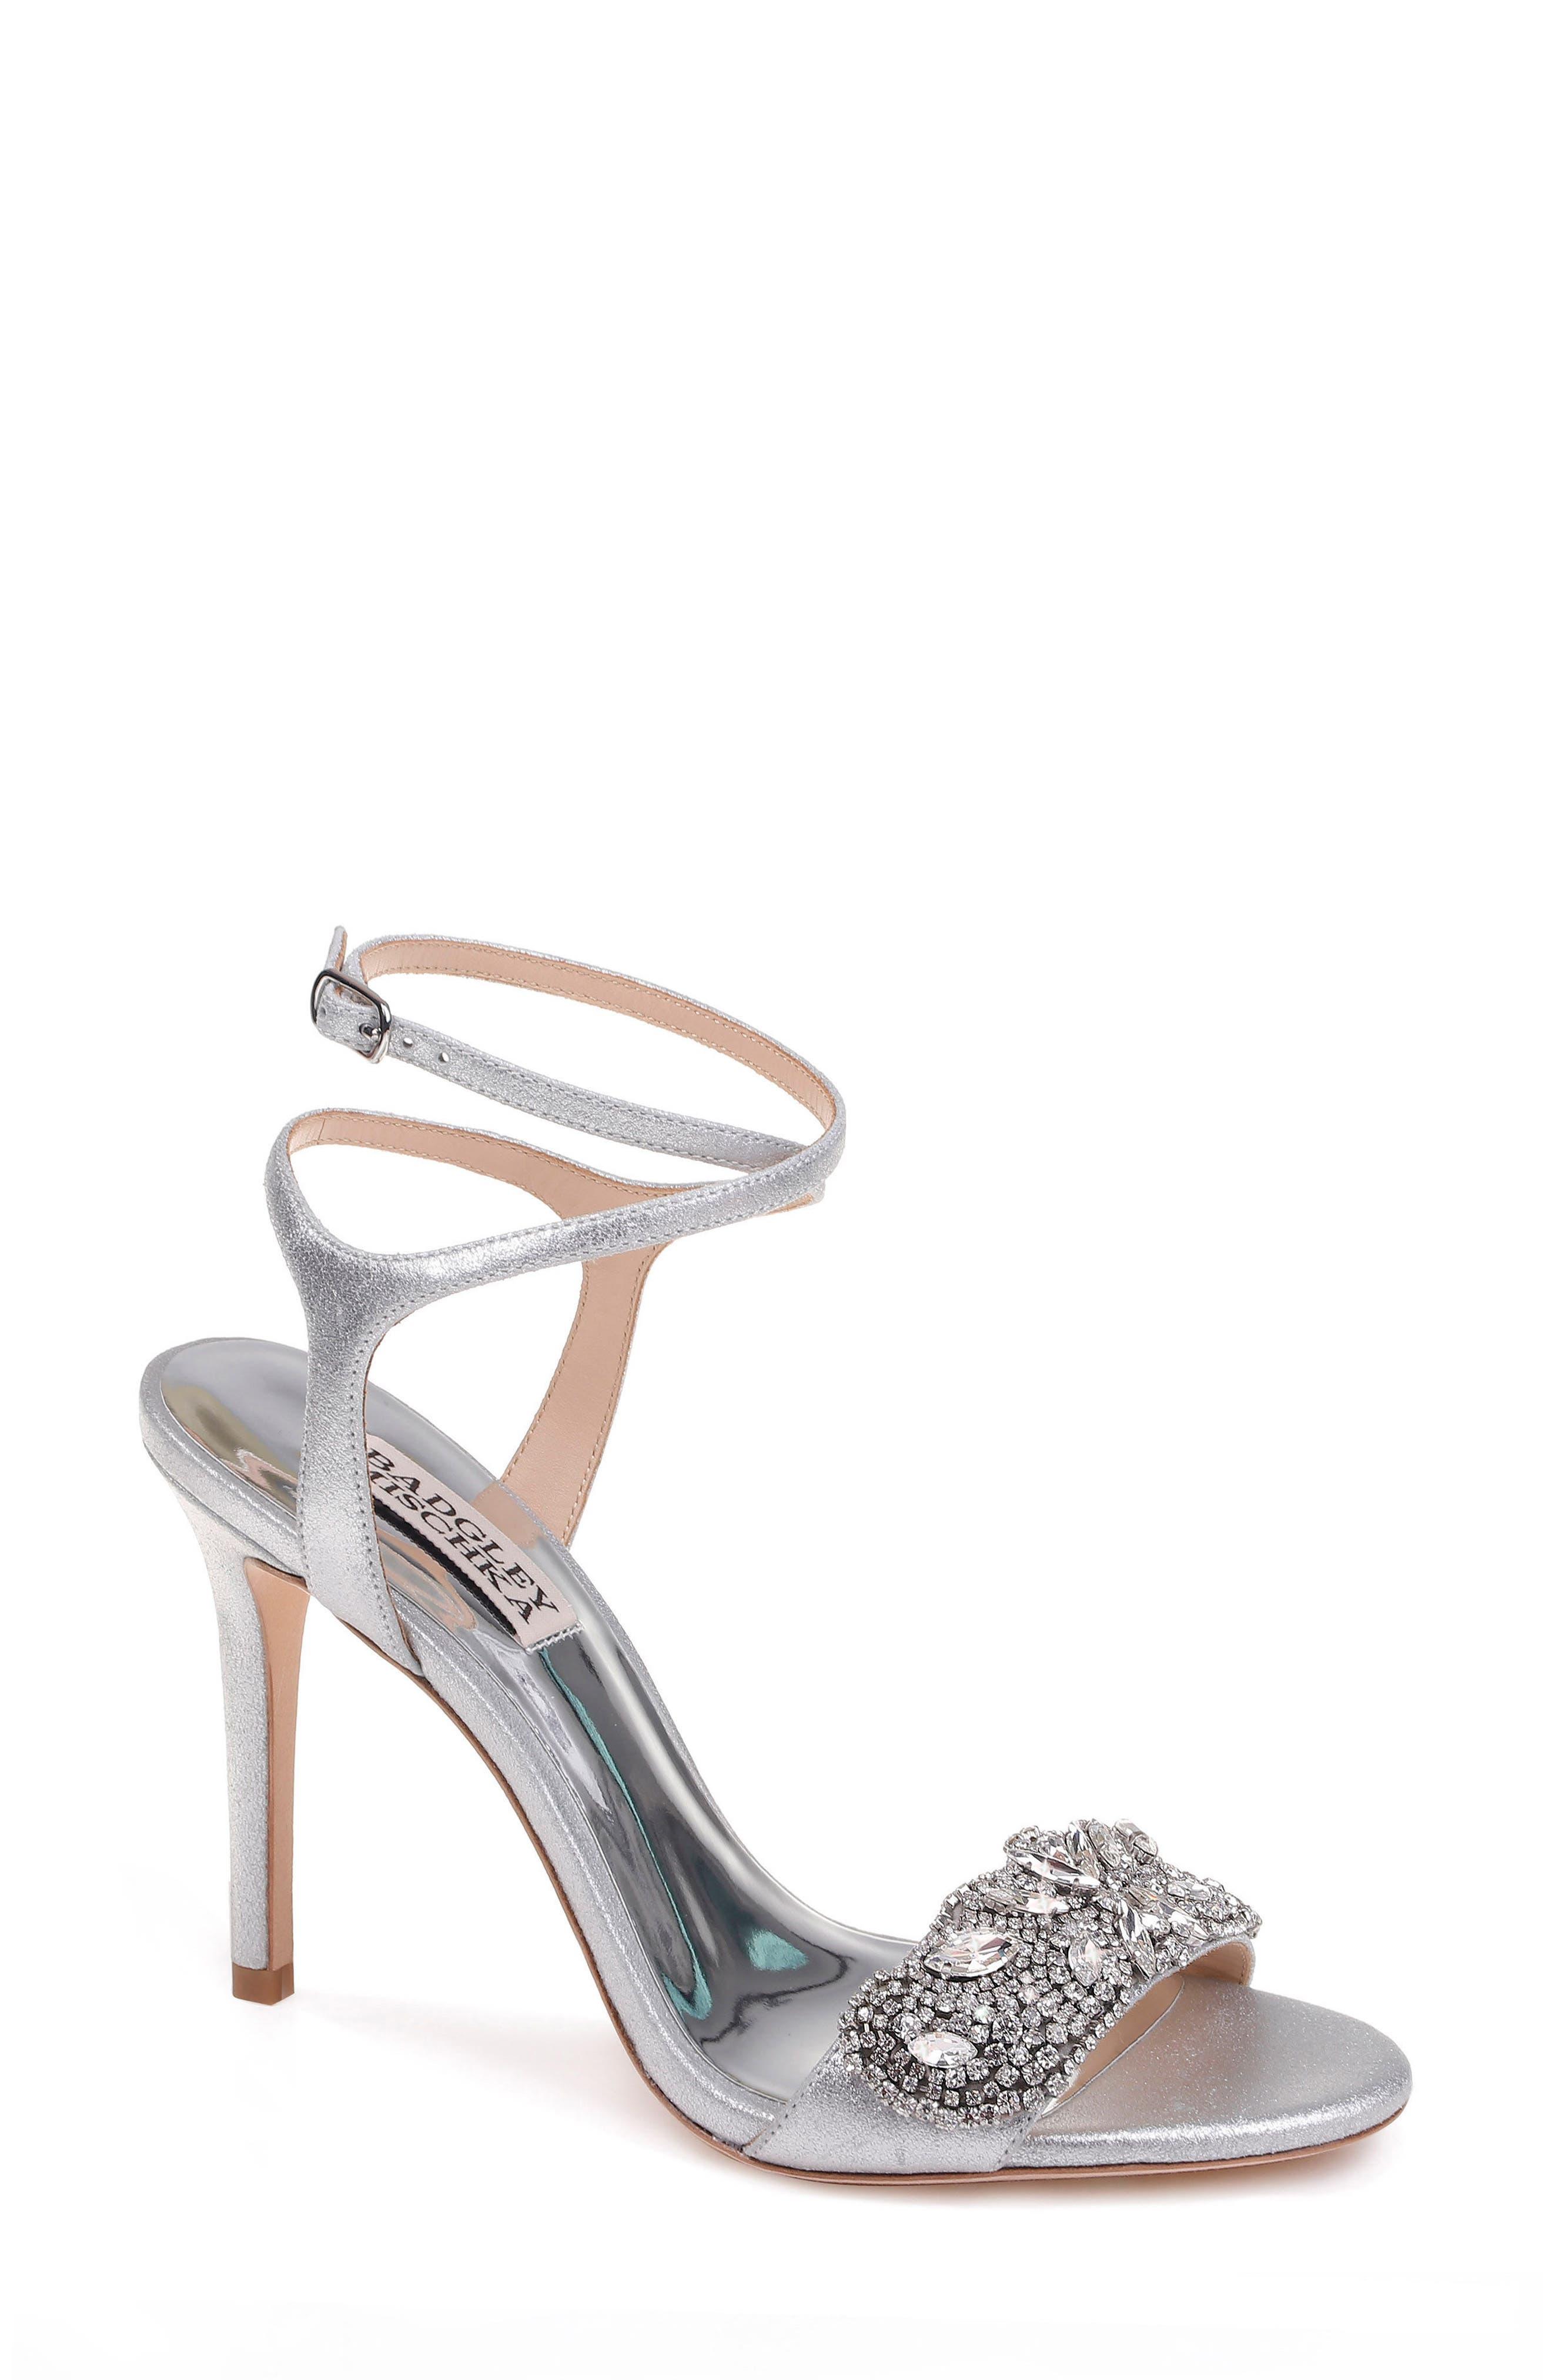 Badgley Mischka Women's Hailey Embellished Ankle Strap Sandal FNsBOwjVx8